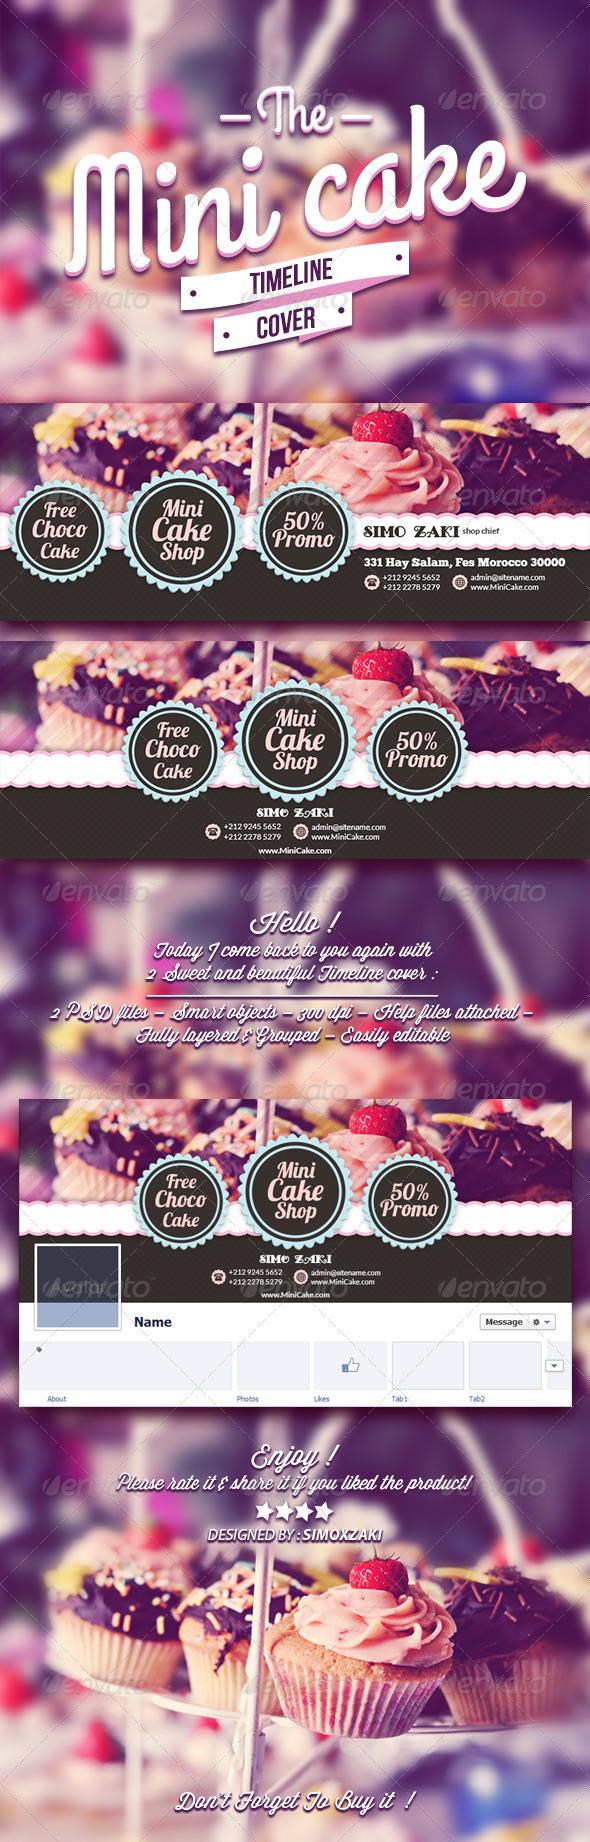 GraphicRiver The mini Cake Timeline Cover 7672141